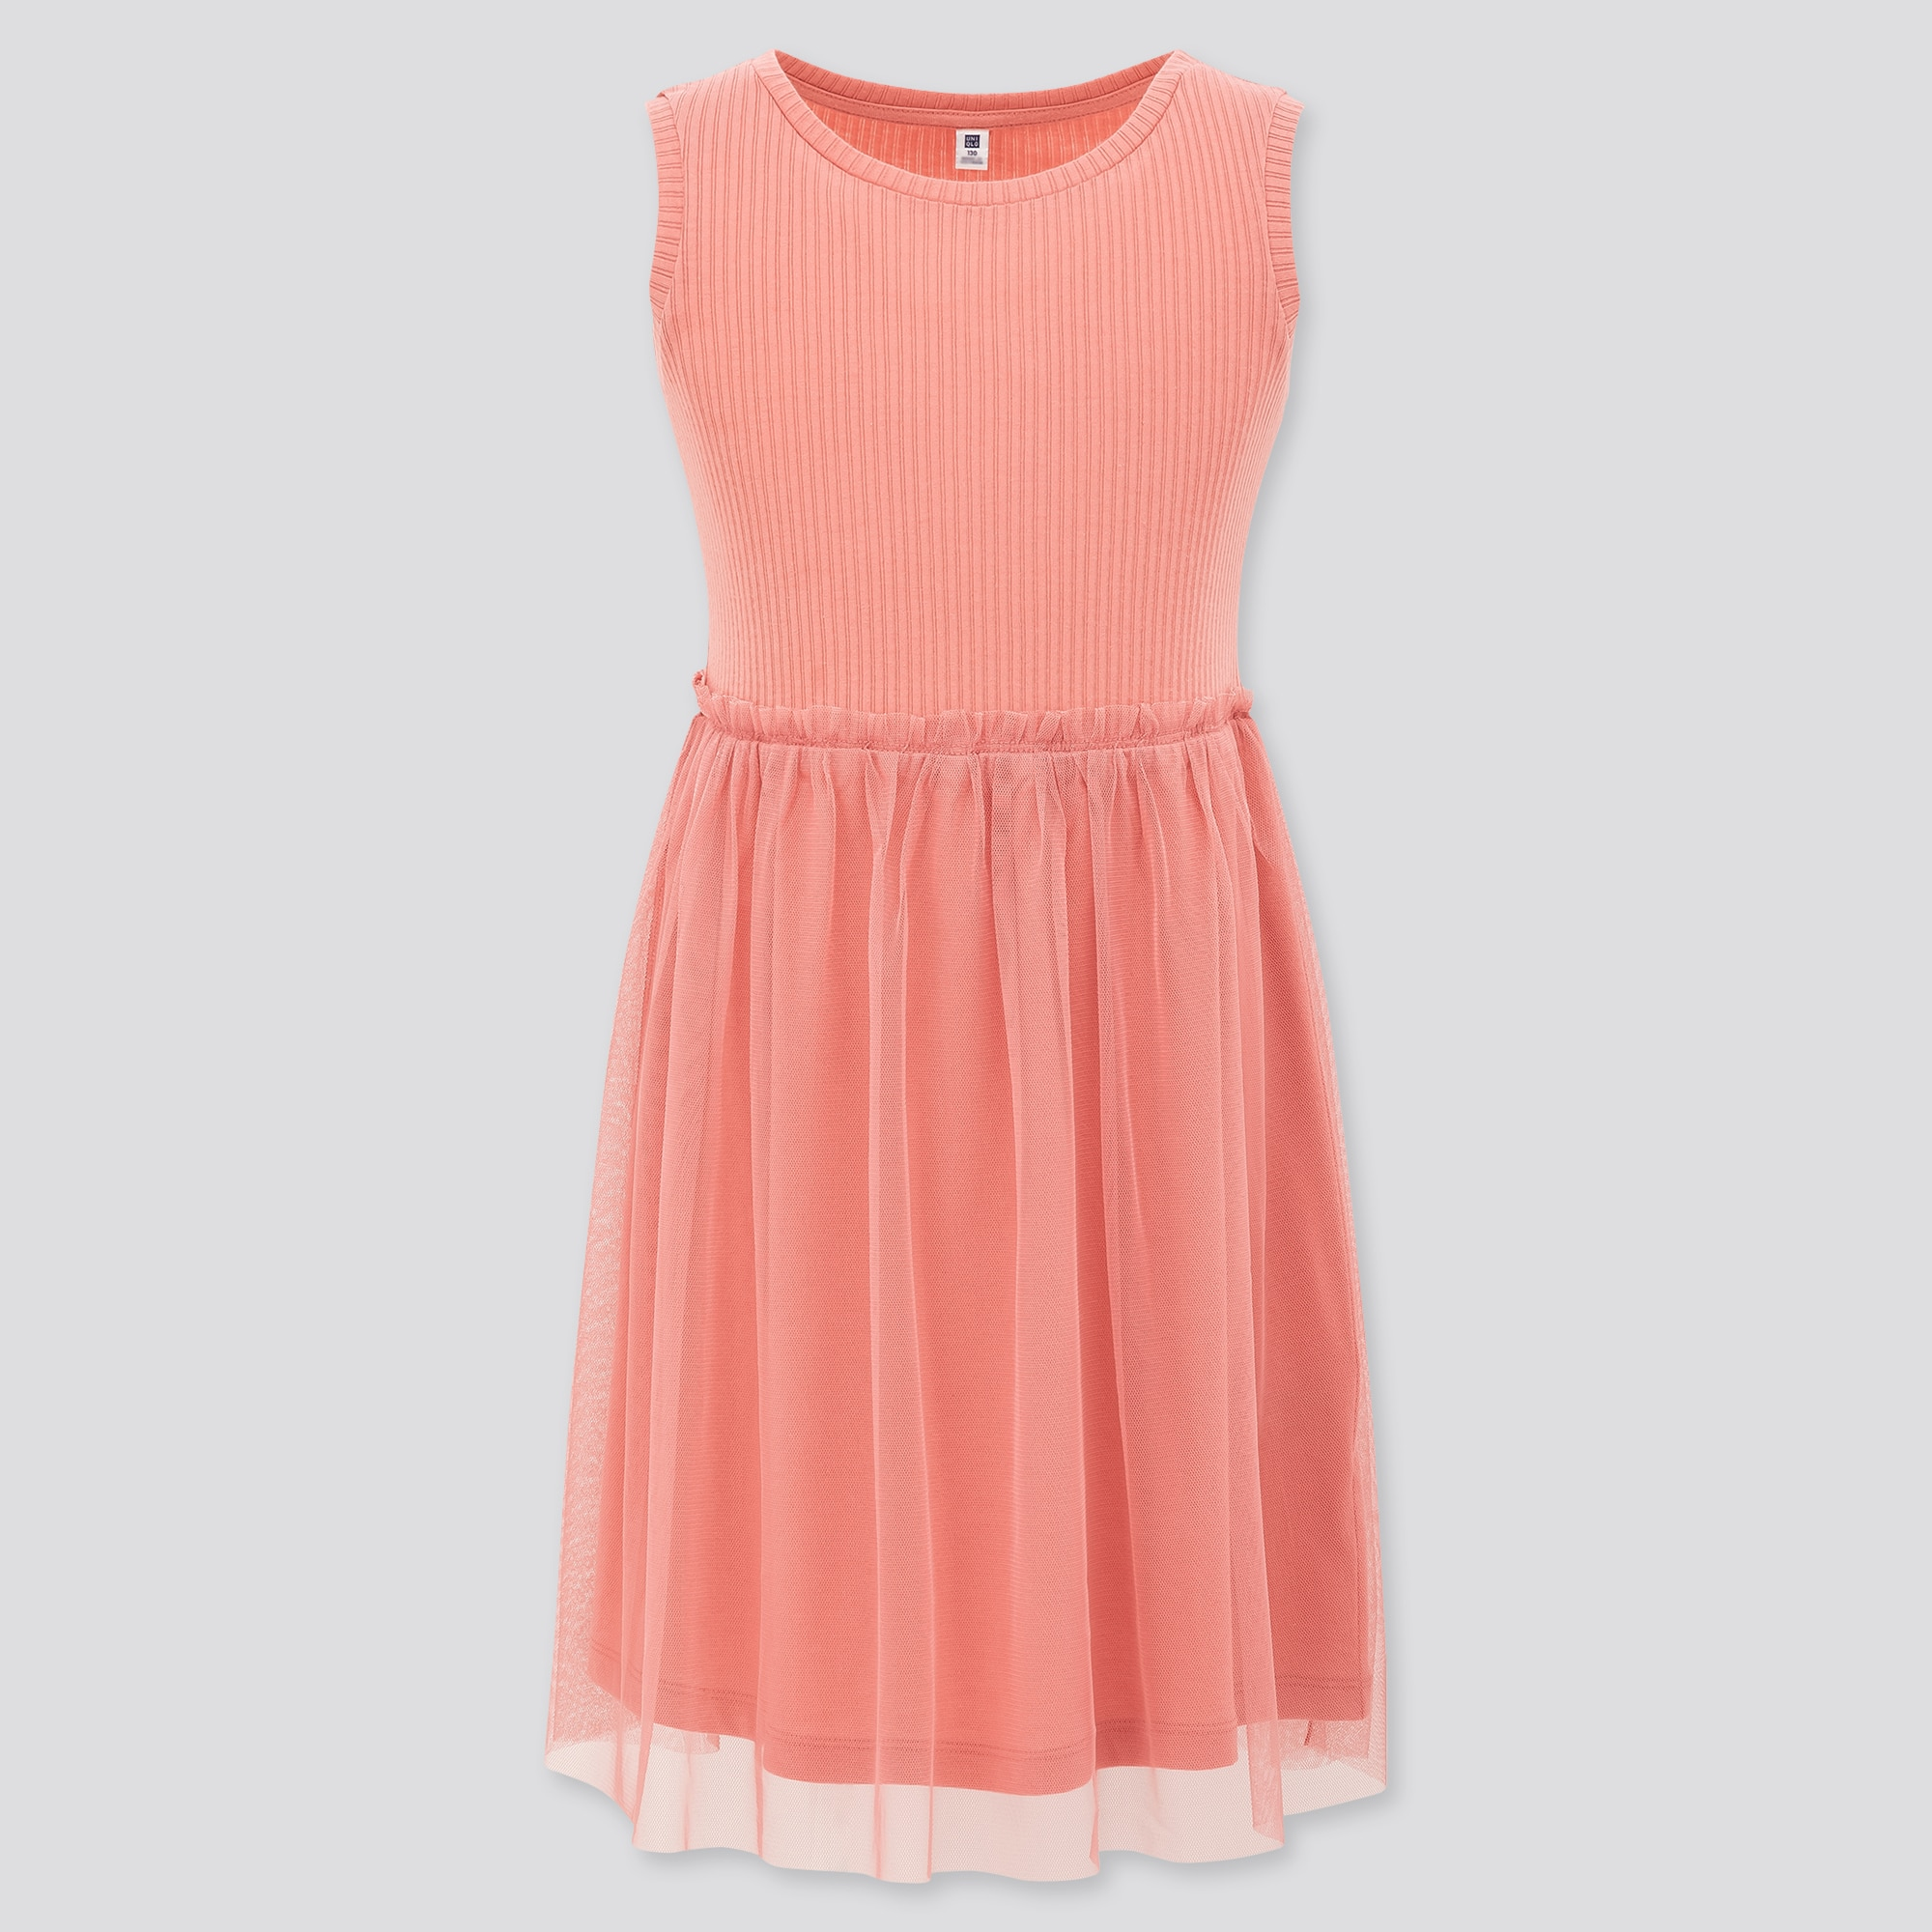 Girls Tulle Sleeveless Dress